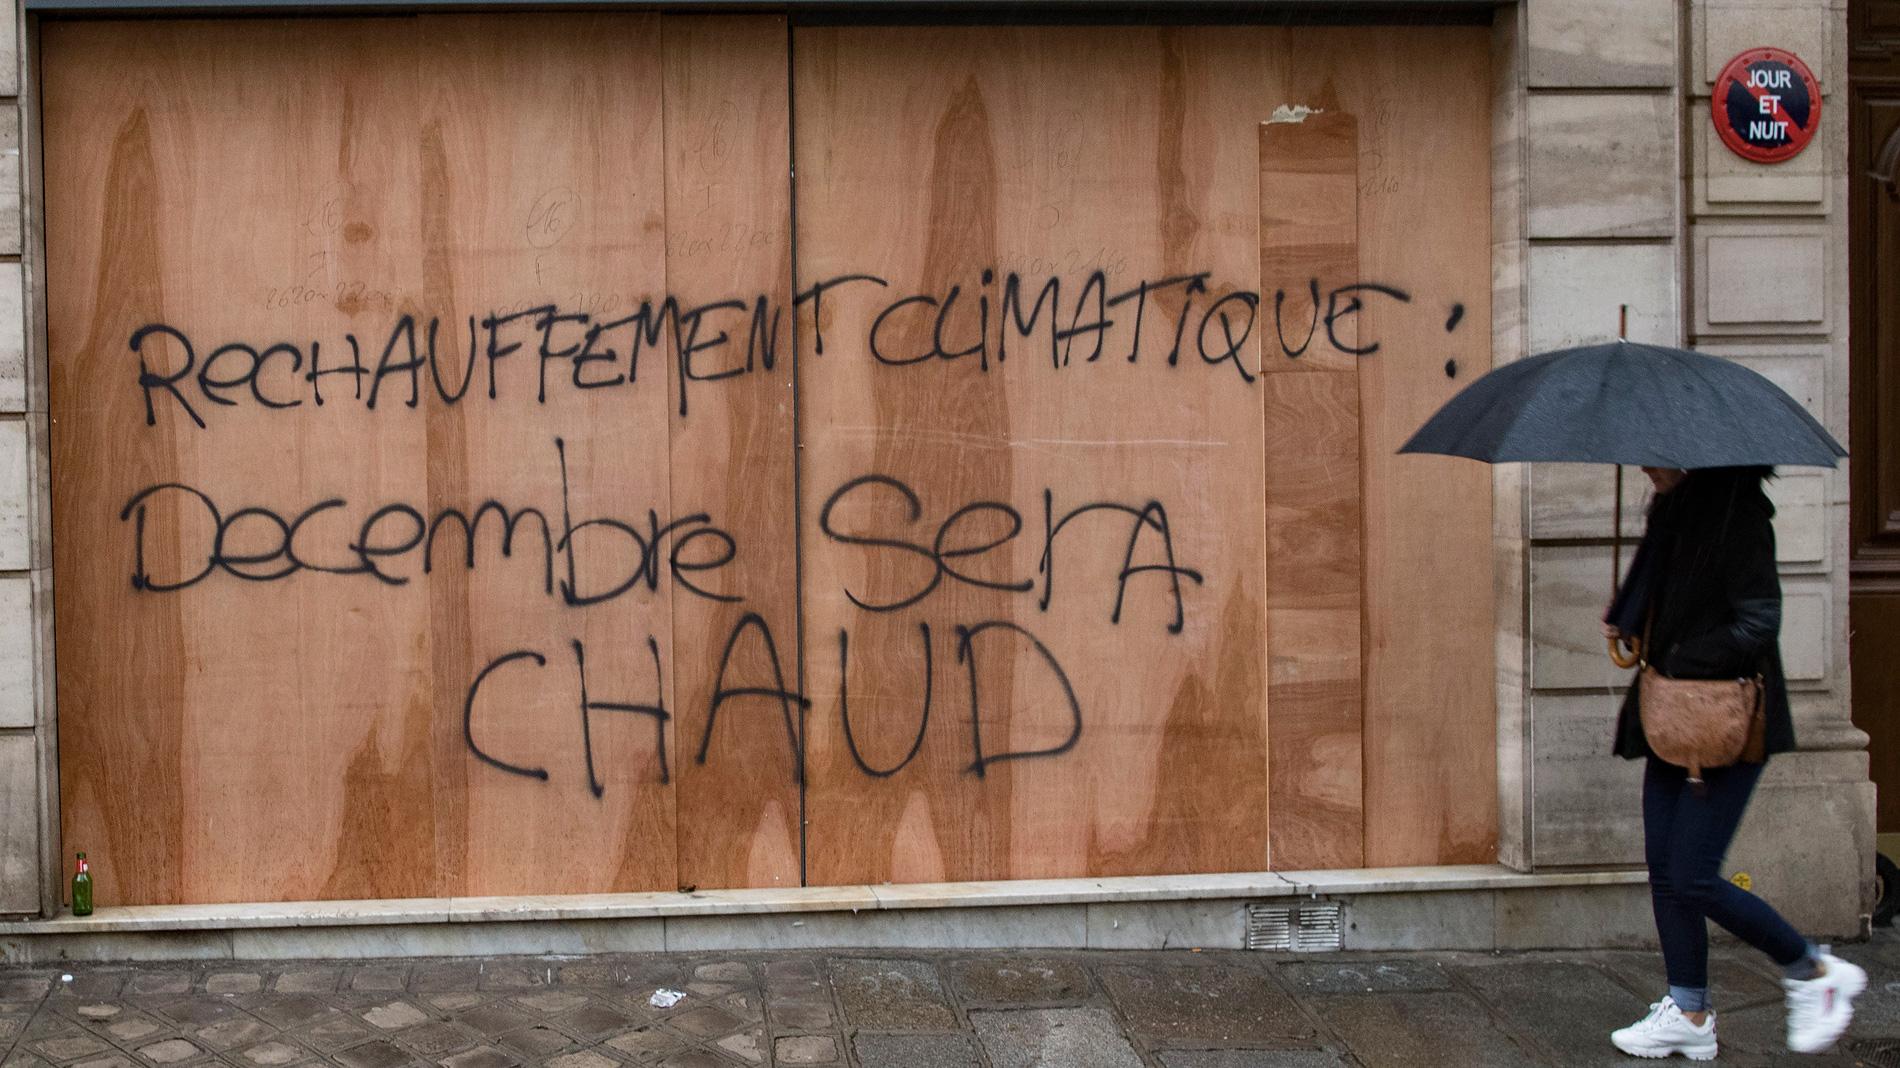 Tras las protestas, el foco está sobre Macron y las medidas que tome para calmar el descontento social